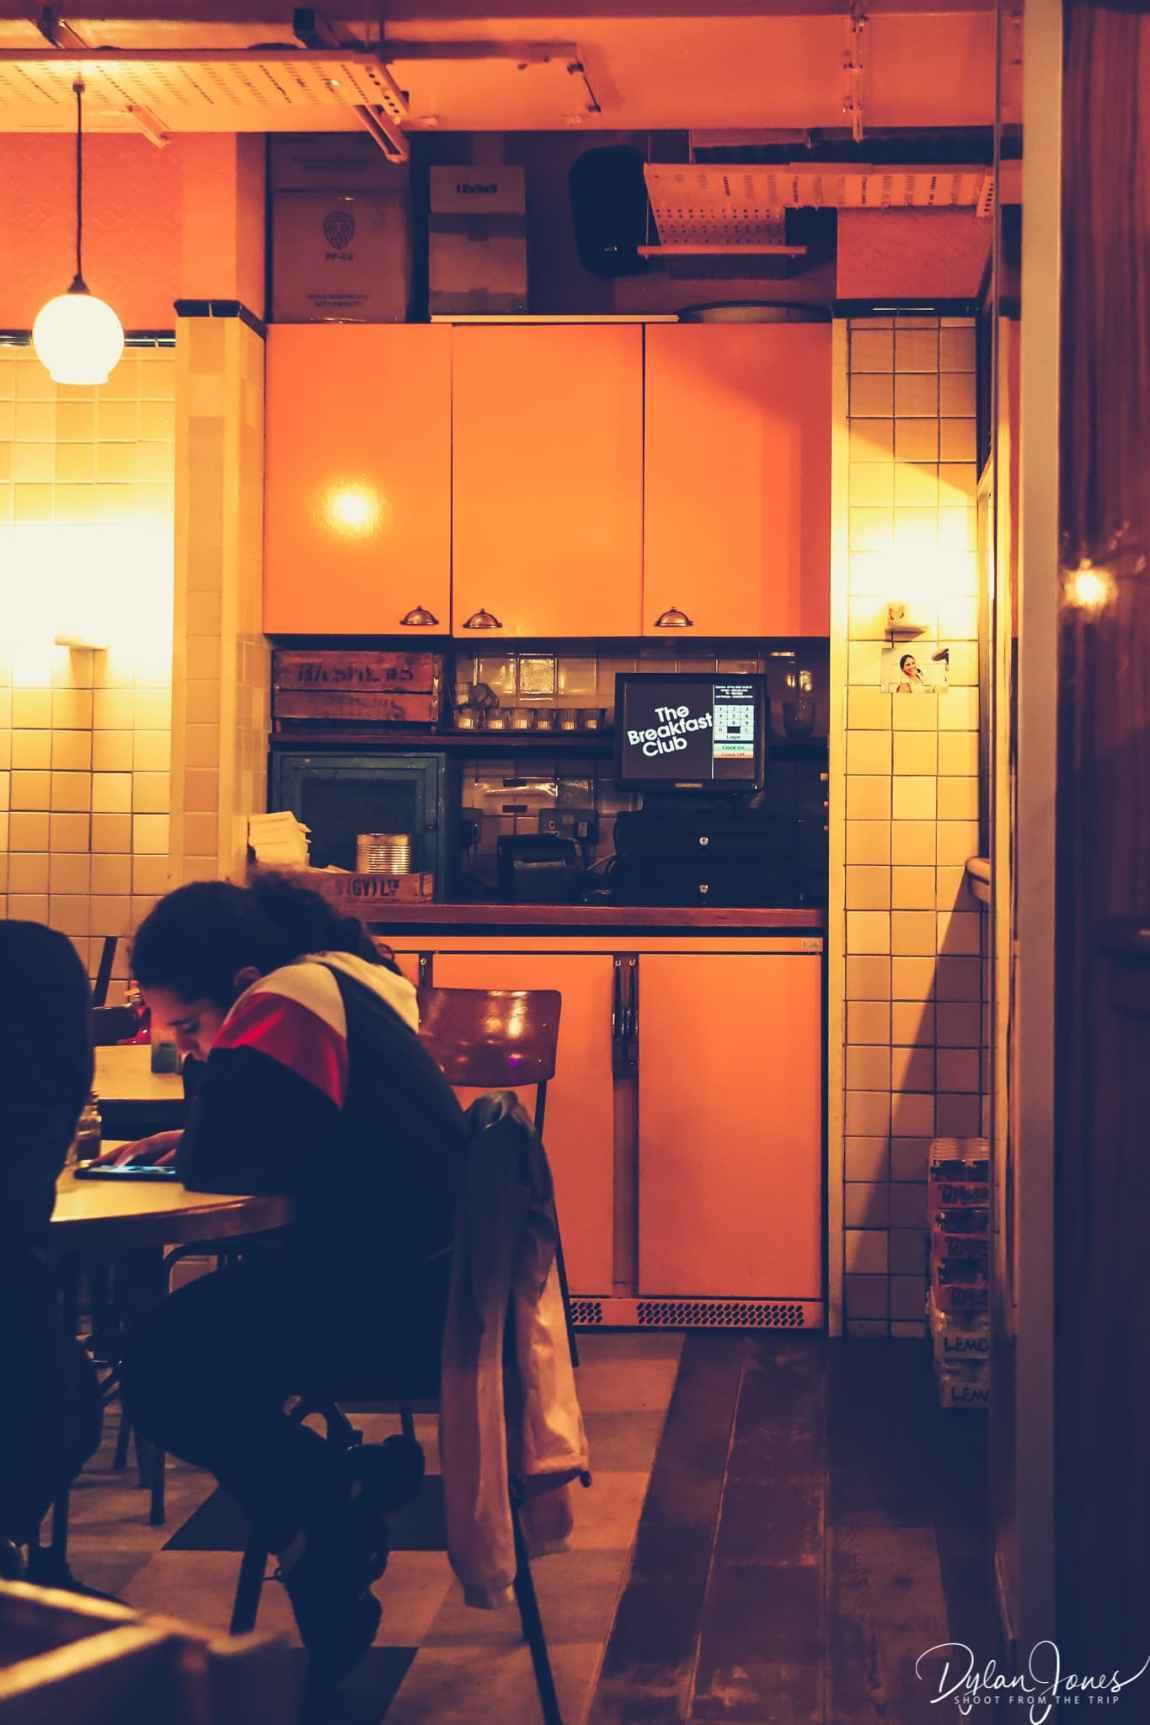 Retro decor at The Breakfast Club